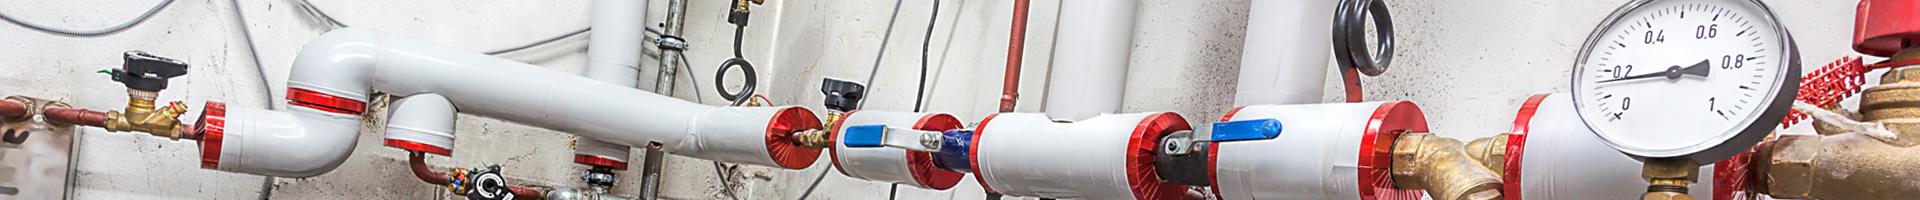 Speichersysteme/ Warmwasserbereitung